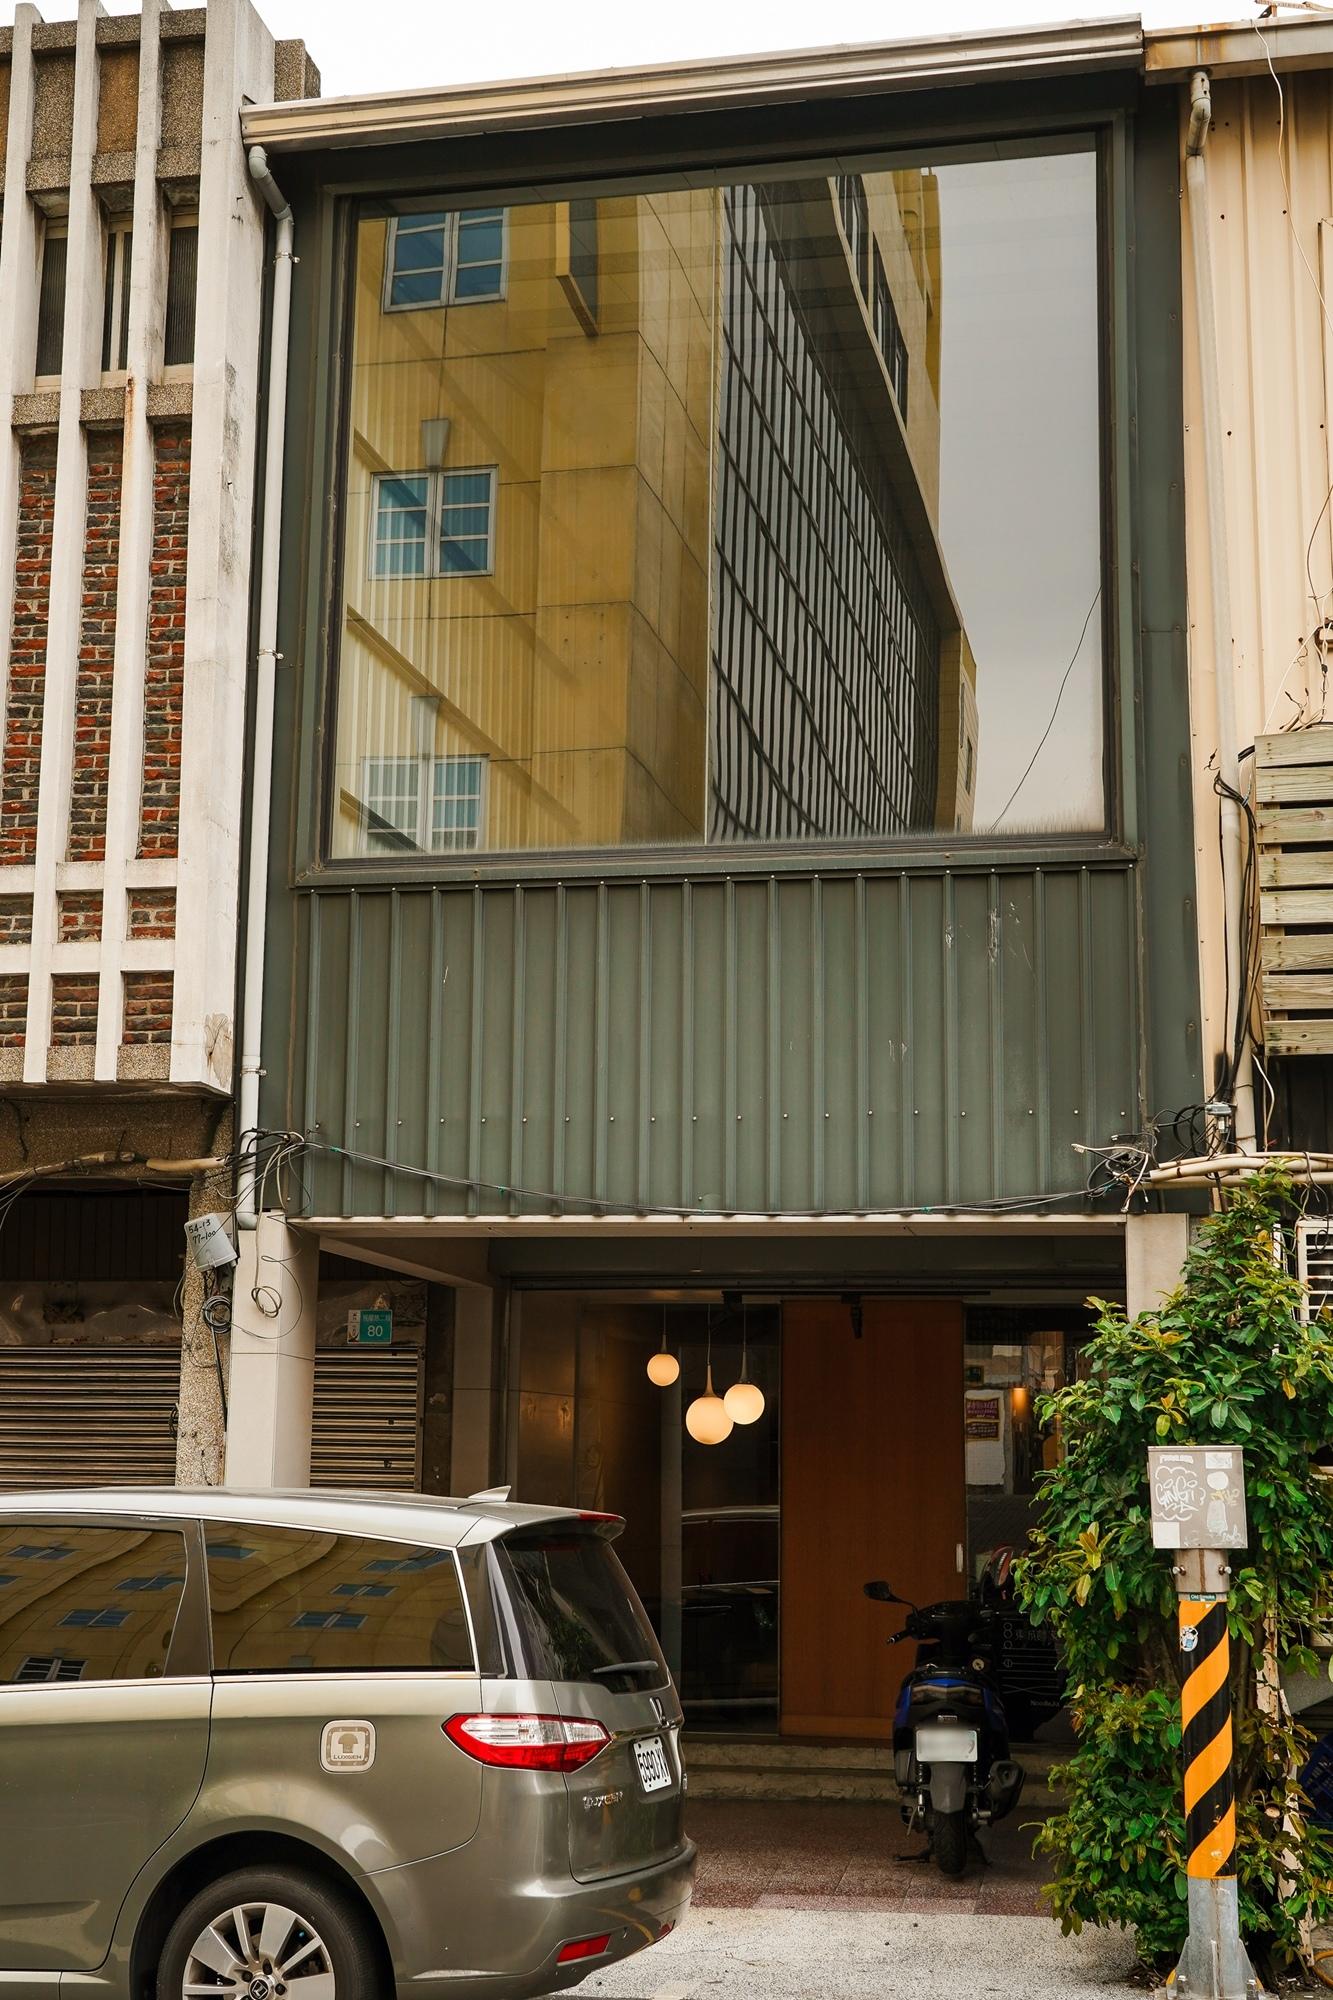 台南中西區美食 東城麵家 結合hiphop與街頭文化的潮流麵店1.jpg